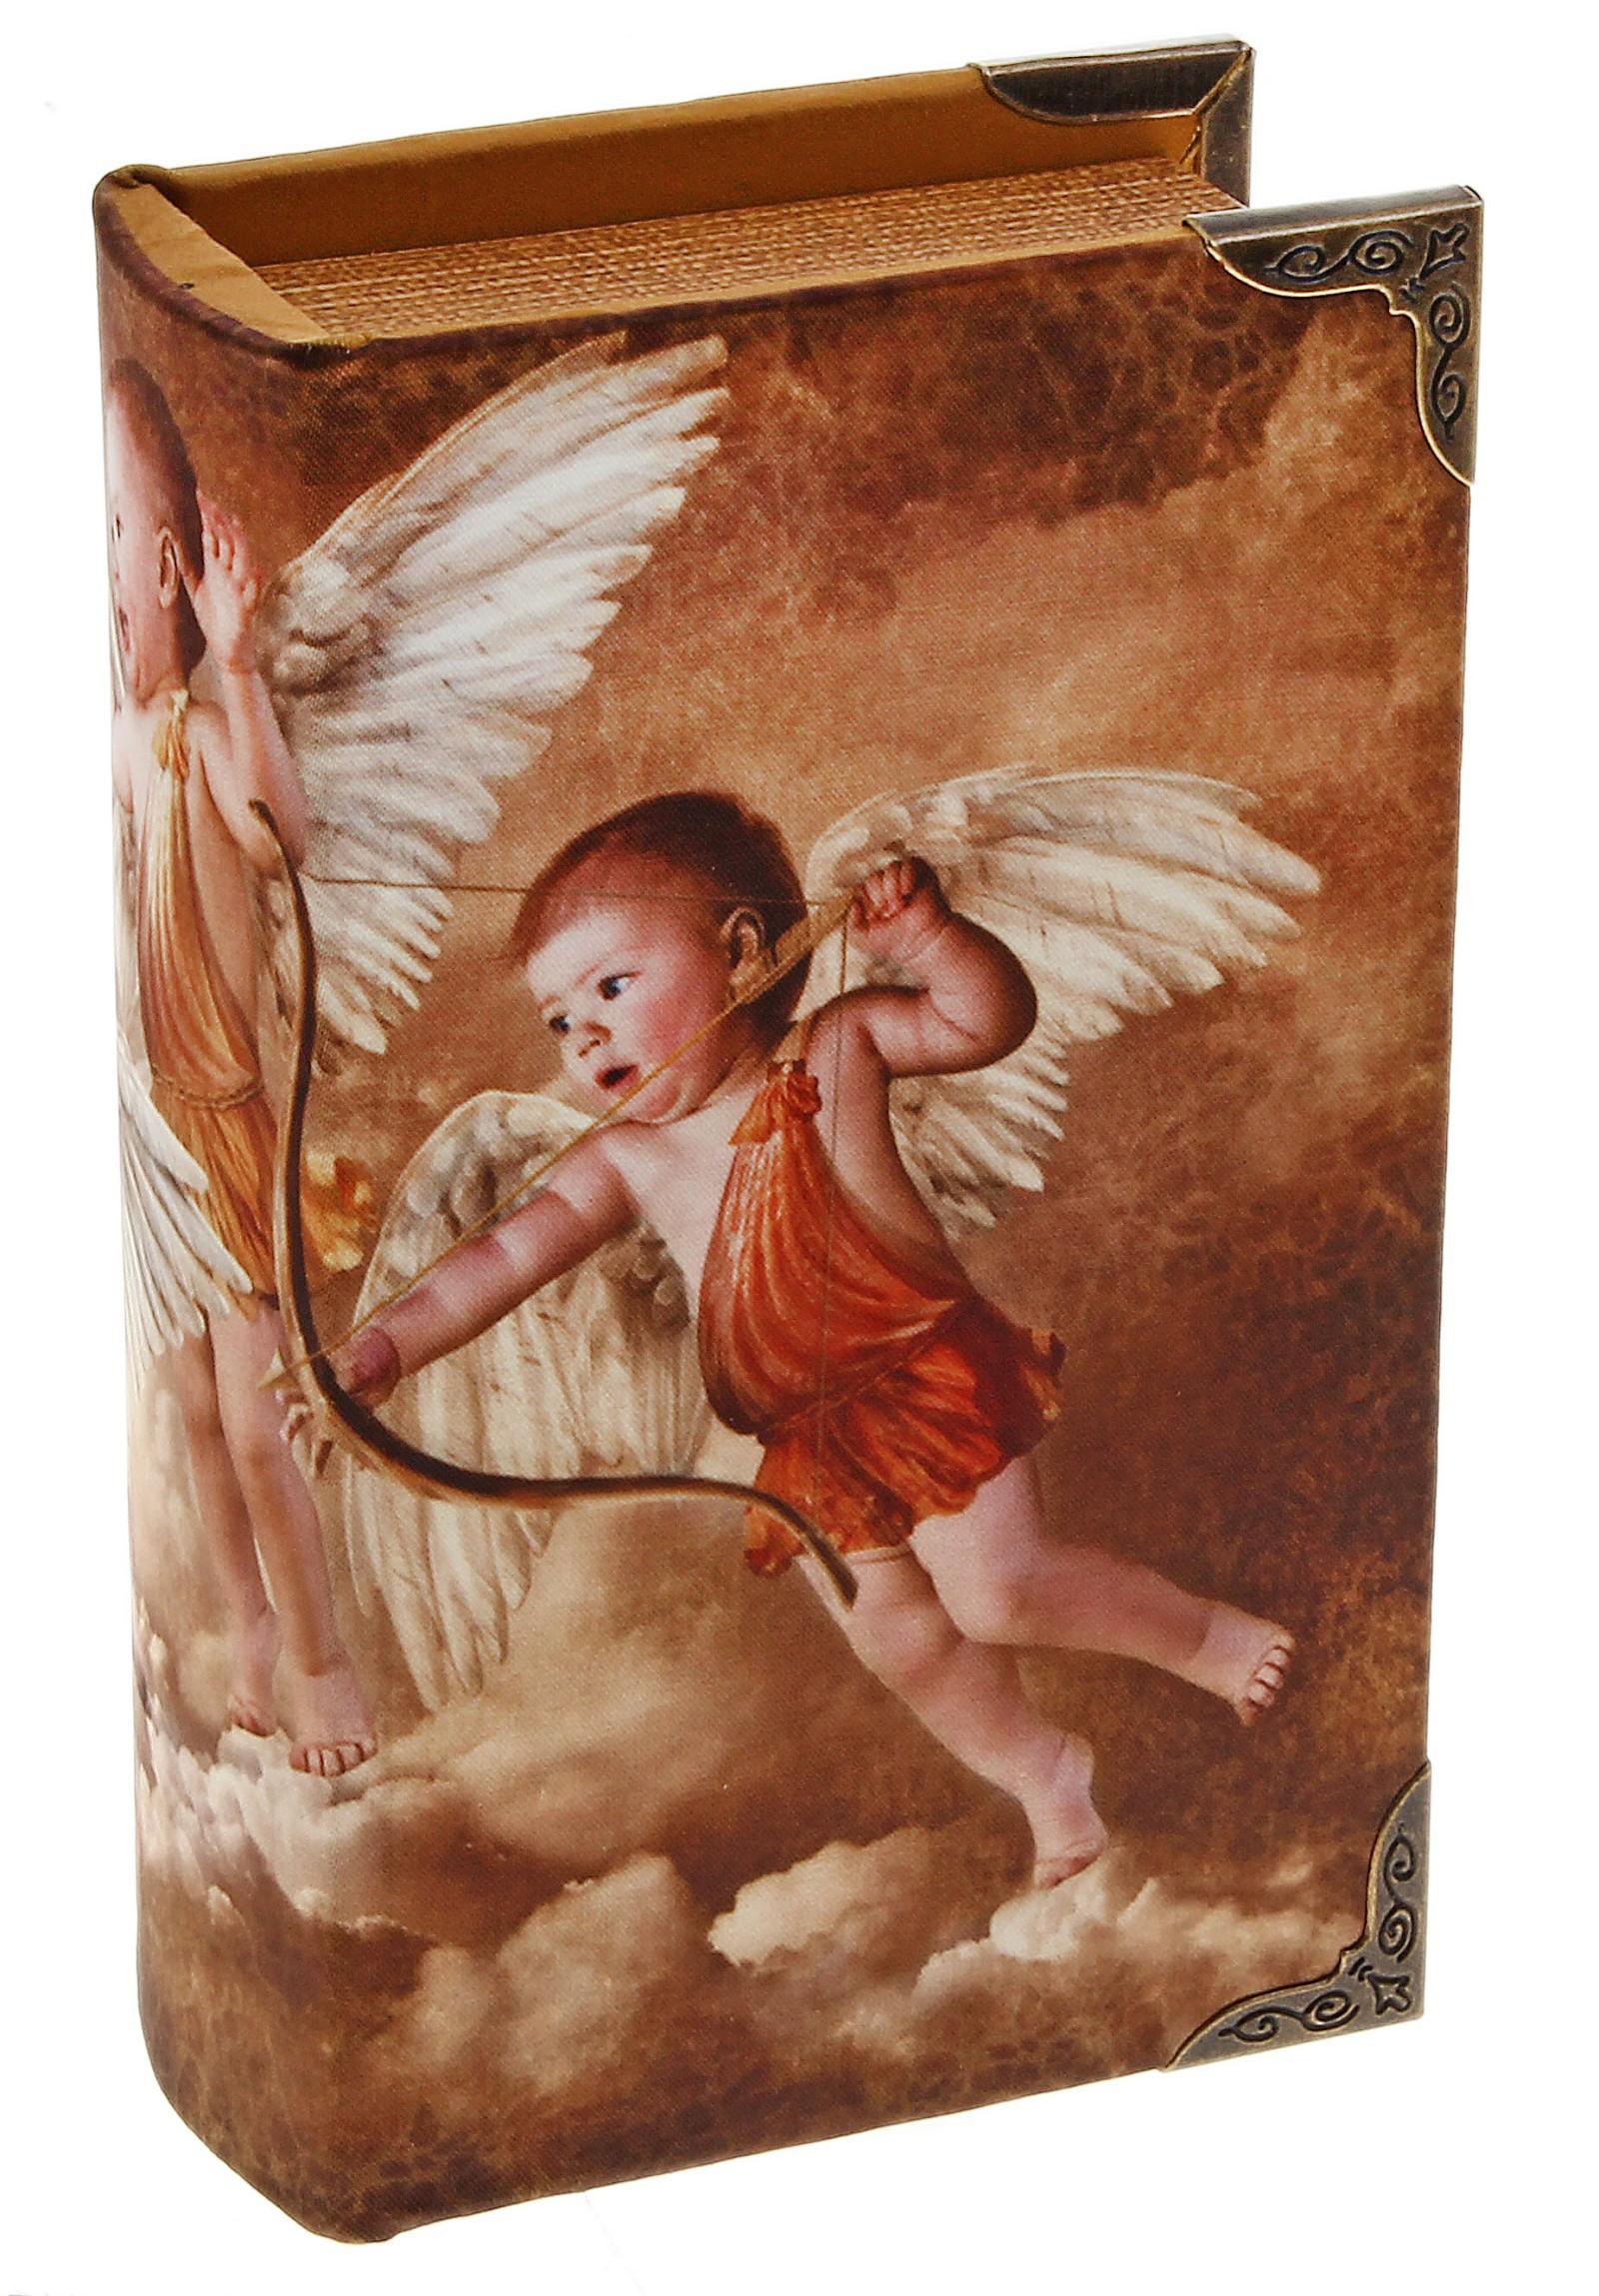 Шкатулка-книга Игры ангелов521770Оригинальное оформление шкатулки, несомненно, привлечет внимание. Шкатулка Игры ангелов изготовлена в виде старинной книги. Поверхность шкатулки выполнена из кожзаменителя и оформлена изображением ангелов. Такая шкатулка может использоваться для хранения бижутерии, в качестве украшения интерьера, а также послужит хорошим подарком для человека, ценящего практичные и оригинальные вещи. Характеристики: Материал: дерево, кожзам, металл. Цвет: коричневый. Размер шкатулки (в закрытом виде): 17 см х 11 см х 5 см. Размер упаковки: 18 см х 12 см х 6 см. Артикул: 521770.